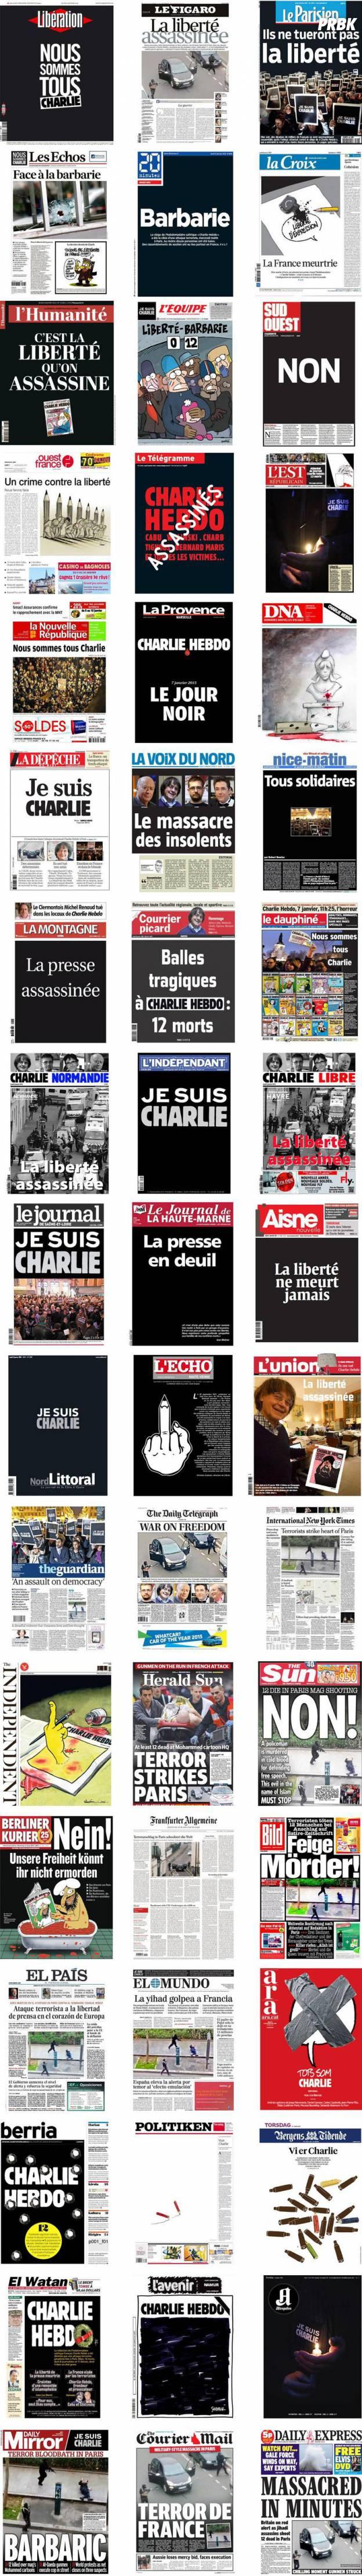 Charlie Hebdo : les Unes des quotidiens français et internationaux du 8 janvier 2015 rendent hommage aux journalistes et policiers tués dans l'attentat de Charlie Hebdo